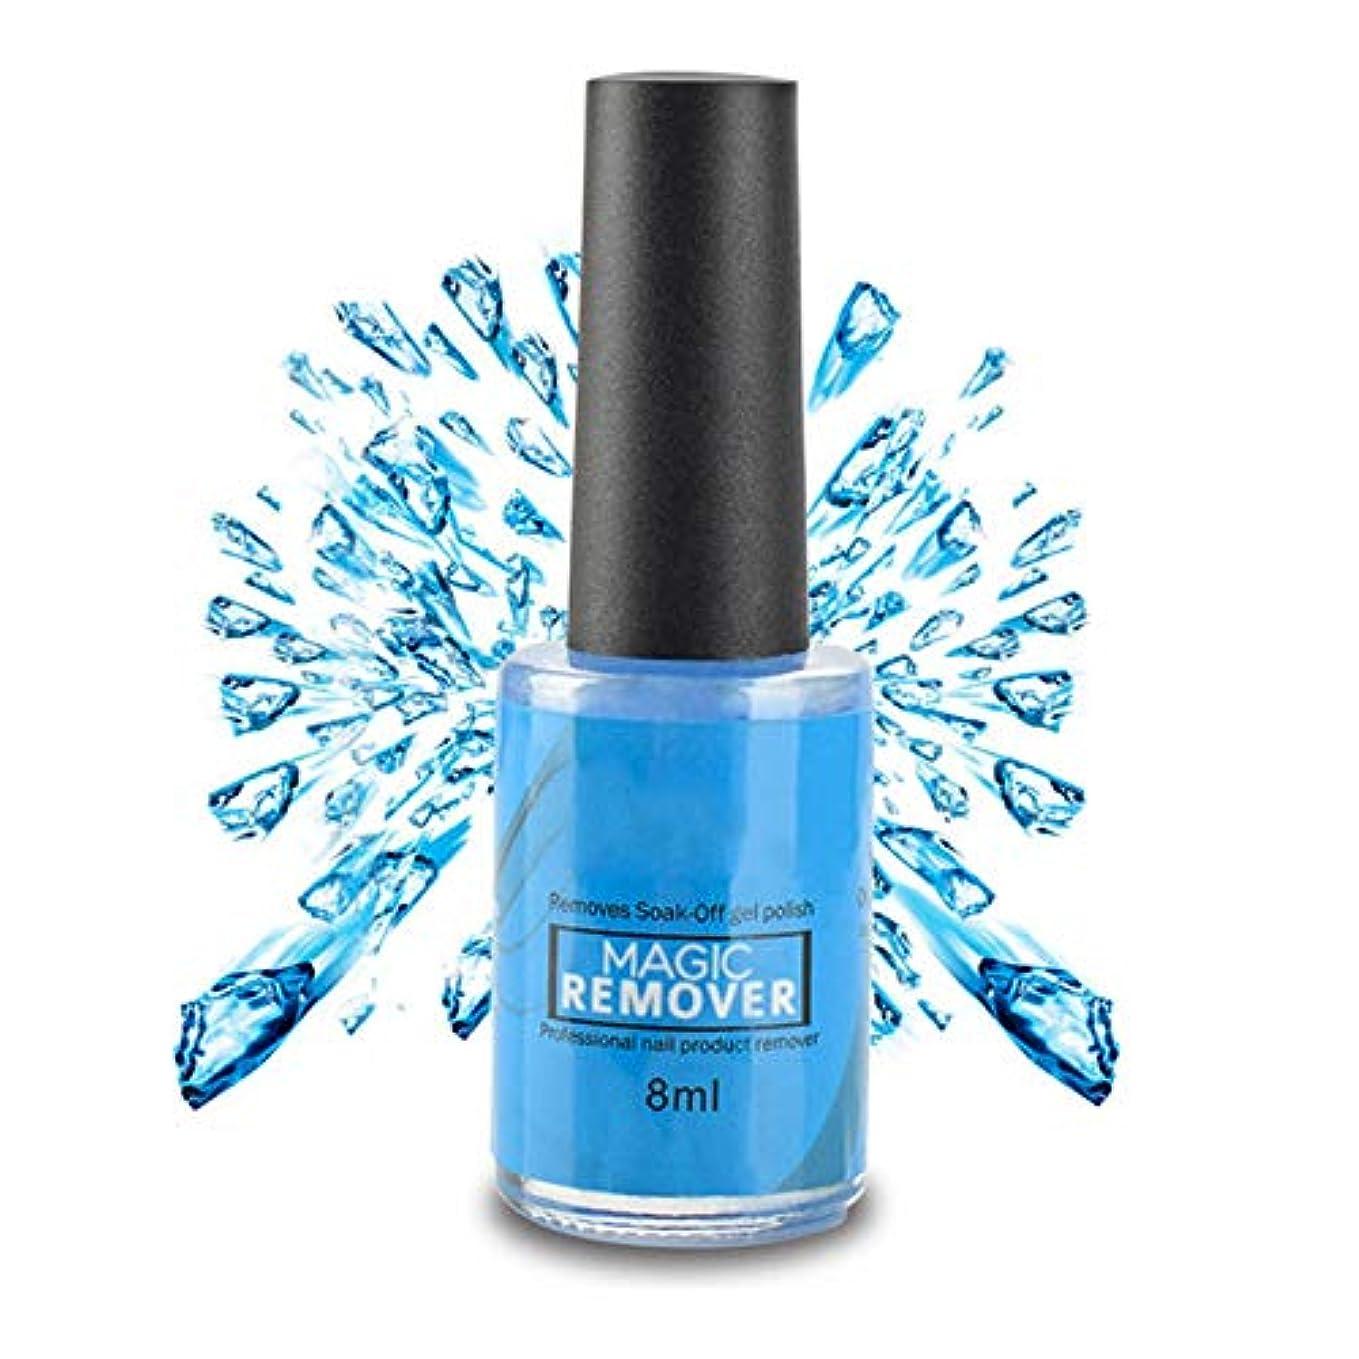 インフレーションテニス回路Lambowo マジックリムーバーがネイルポリッシュを拭き取ると、ジェルプロフェッショナルバーストクリーン脱脂剤が除去されます